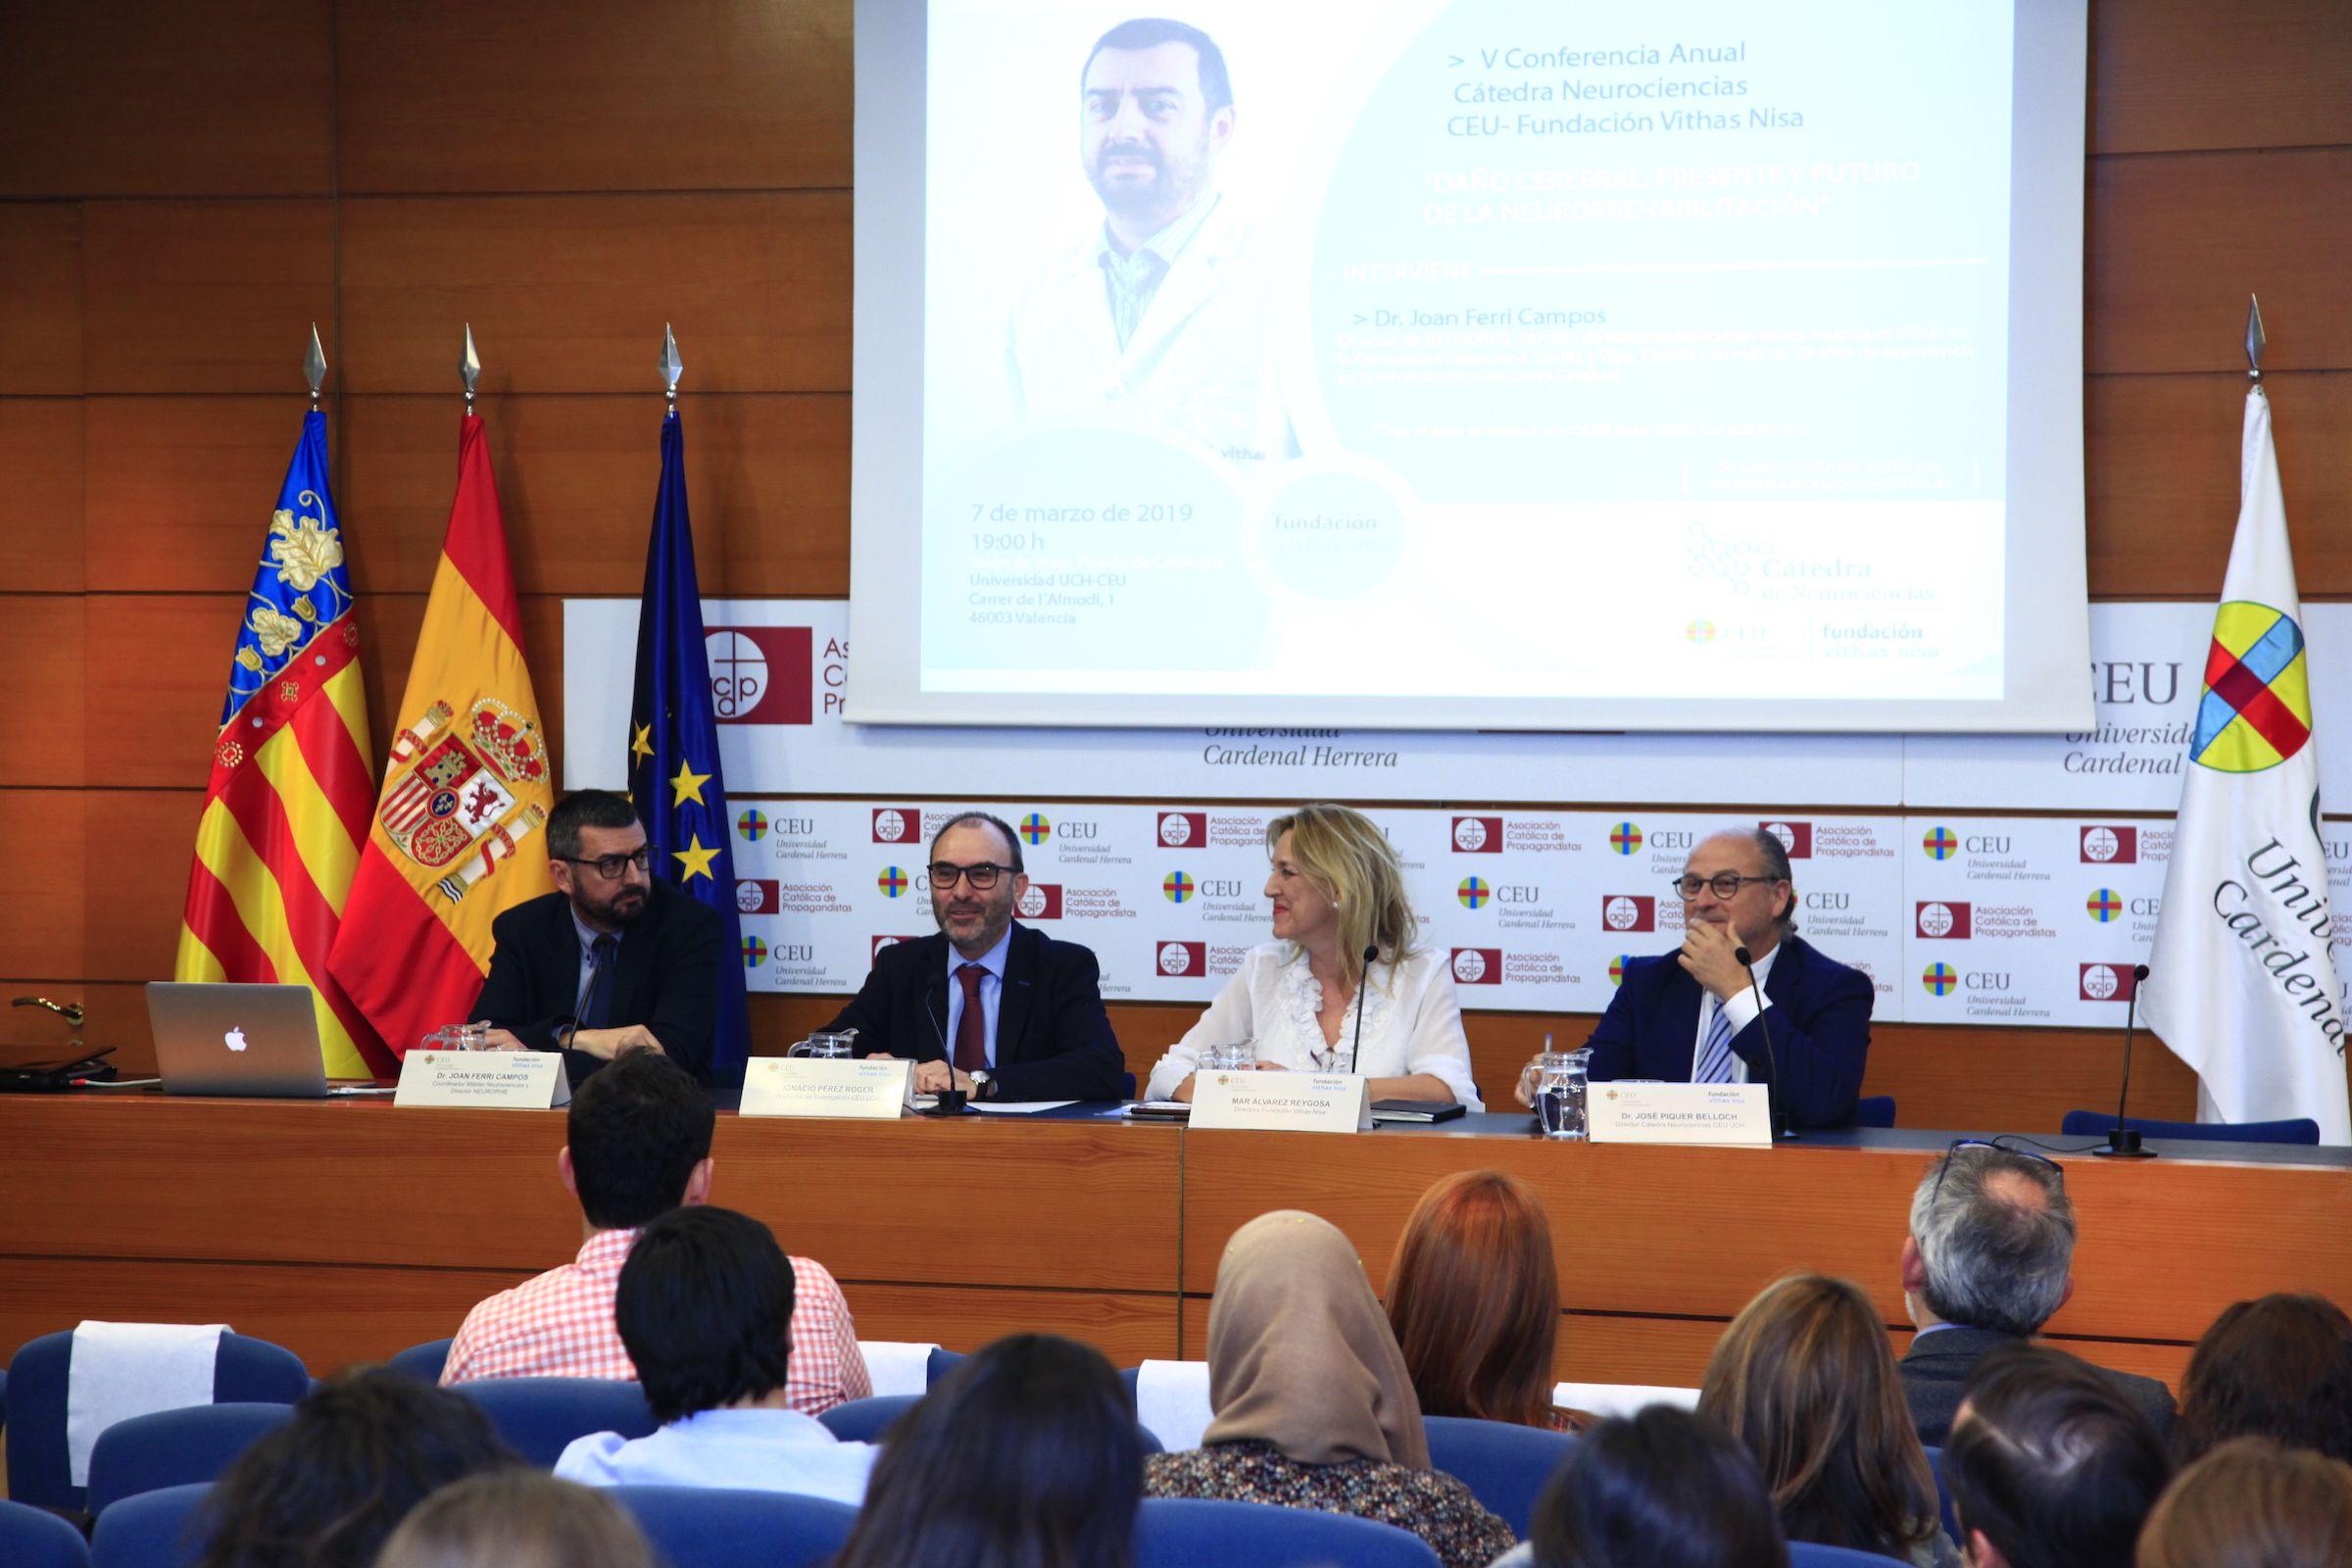 Joan Ferri, Ignacio Pérez, Mar Álvarez y José Piquer, en la V Conferencia de la Cátedra de Neurociencias CEU-Fundación Vithas Nisa.